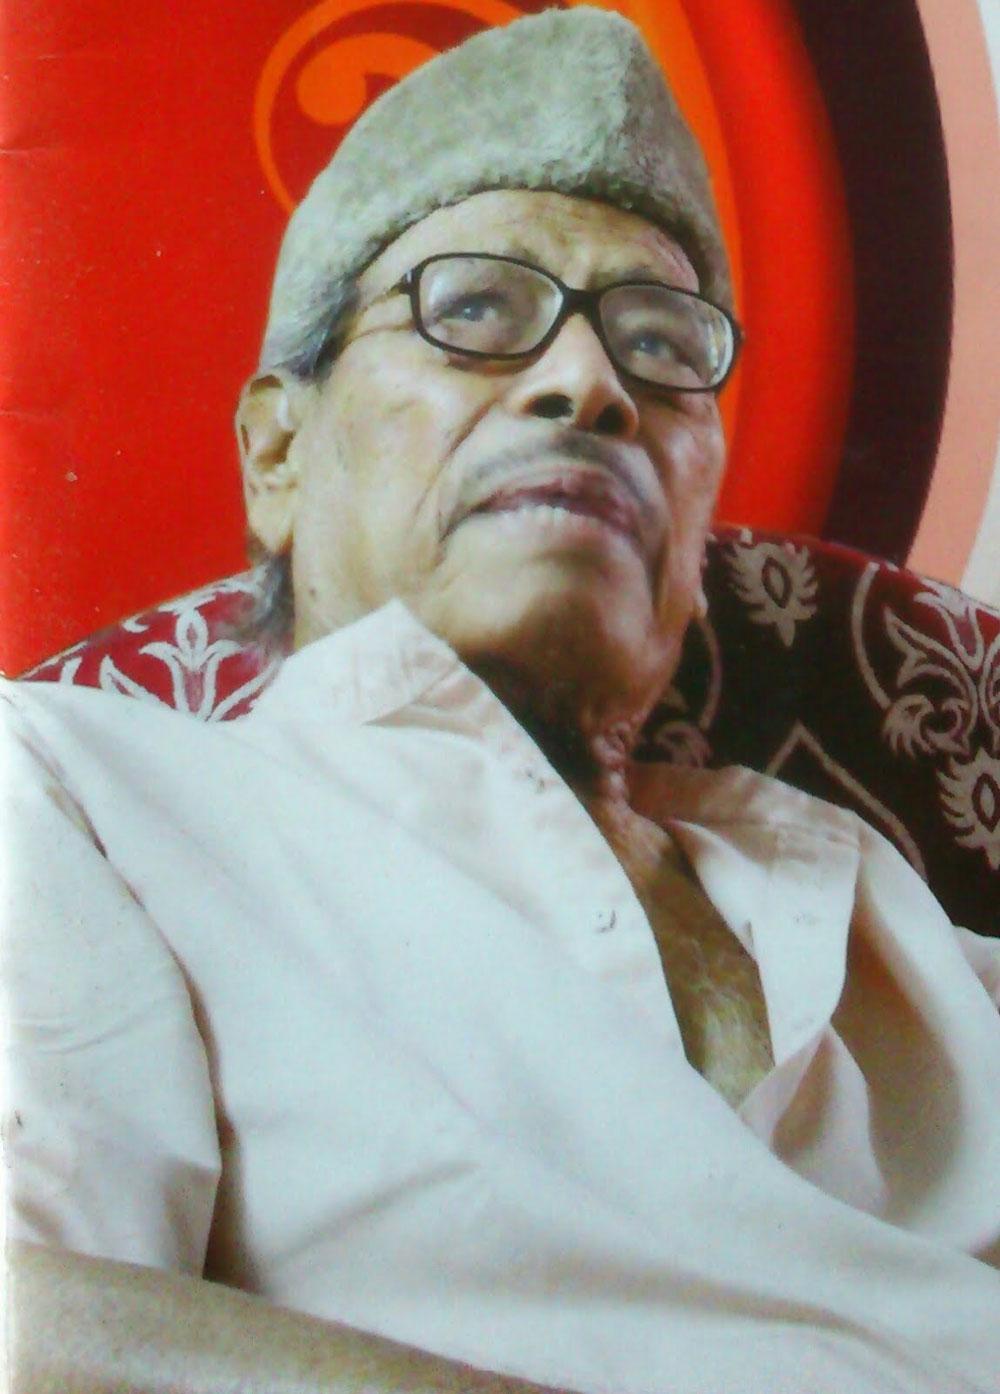 मन्ना डे यांनी हिंदी आणि बंगाली भाषेत जास्तीत जास्त गाणी गायली... पण मराठीतही मन्ना डेंची काही गाजलेली गाणी आहेत...